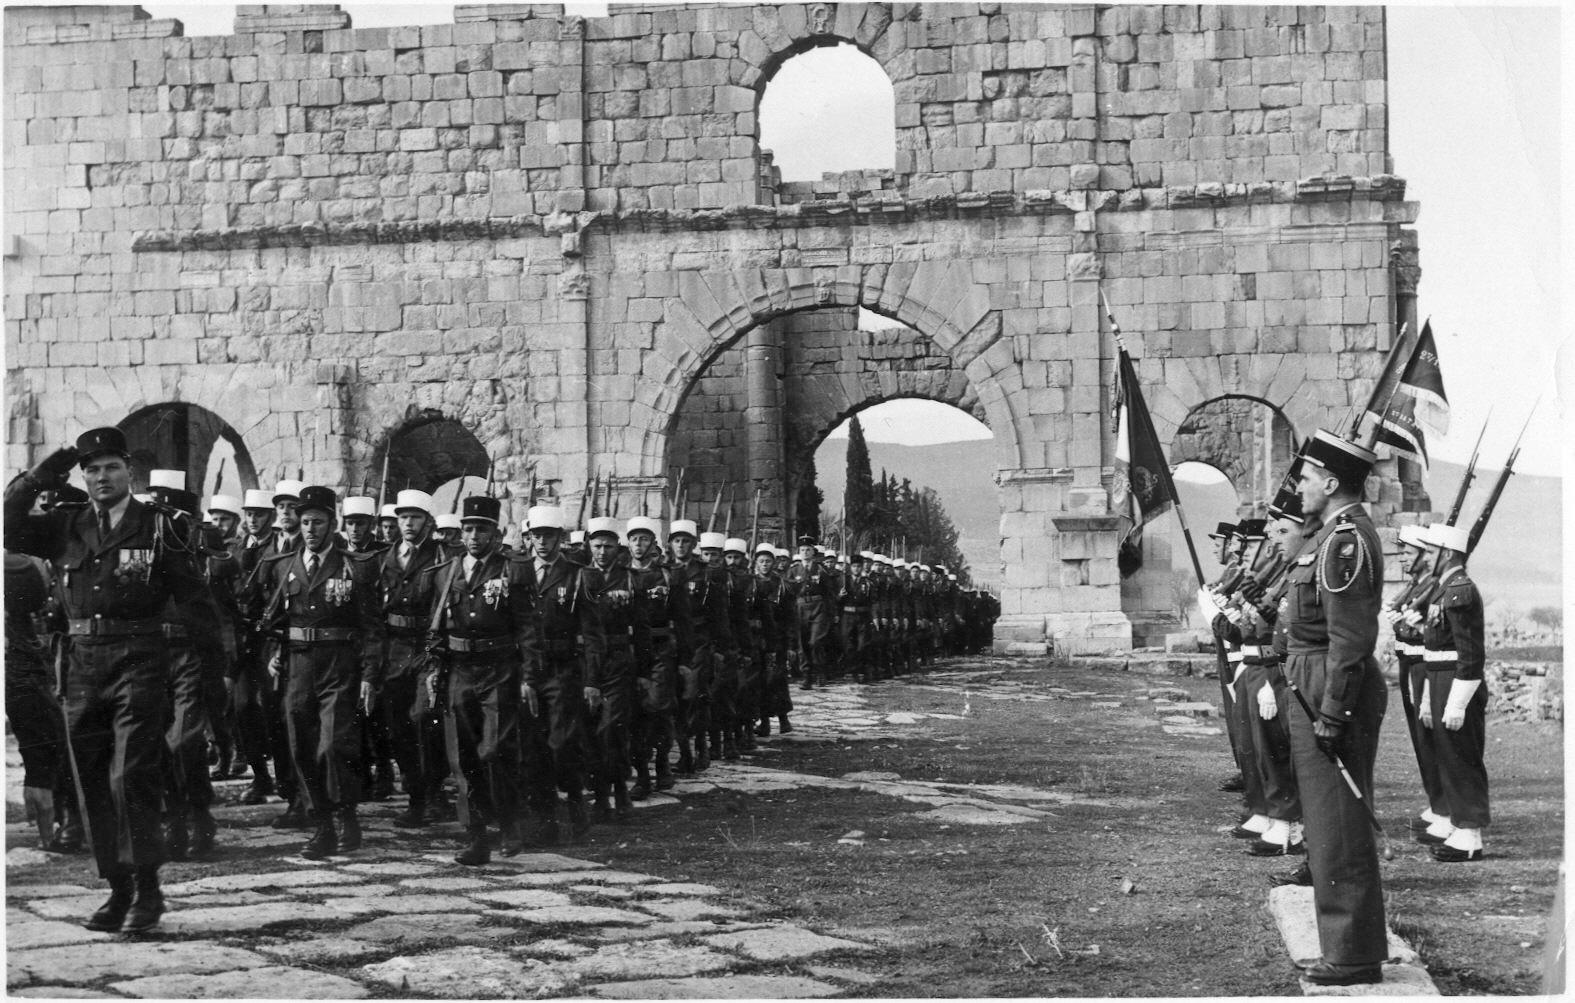 Algerian sota 1954-62